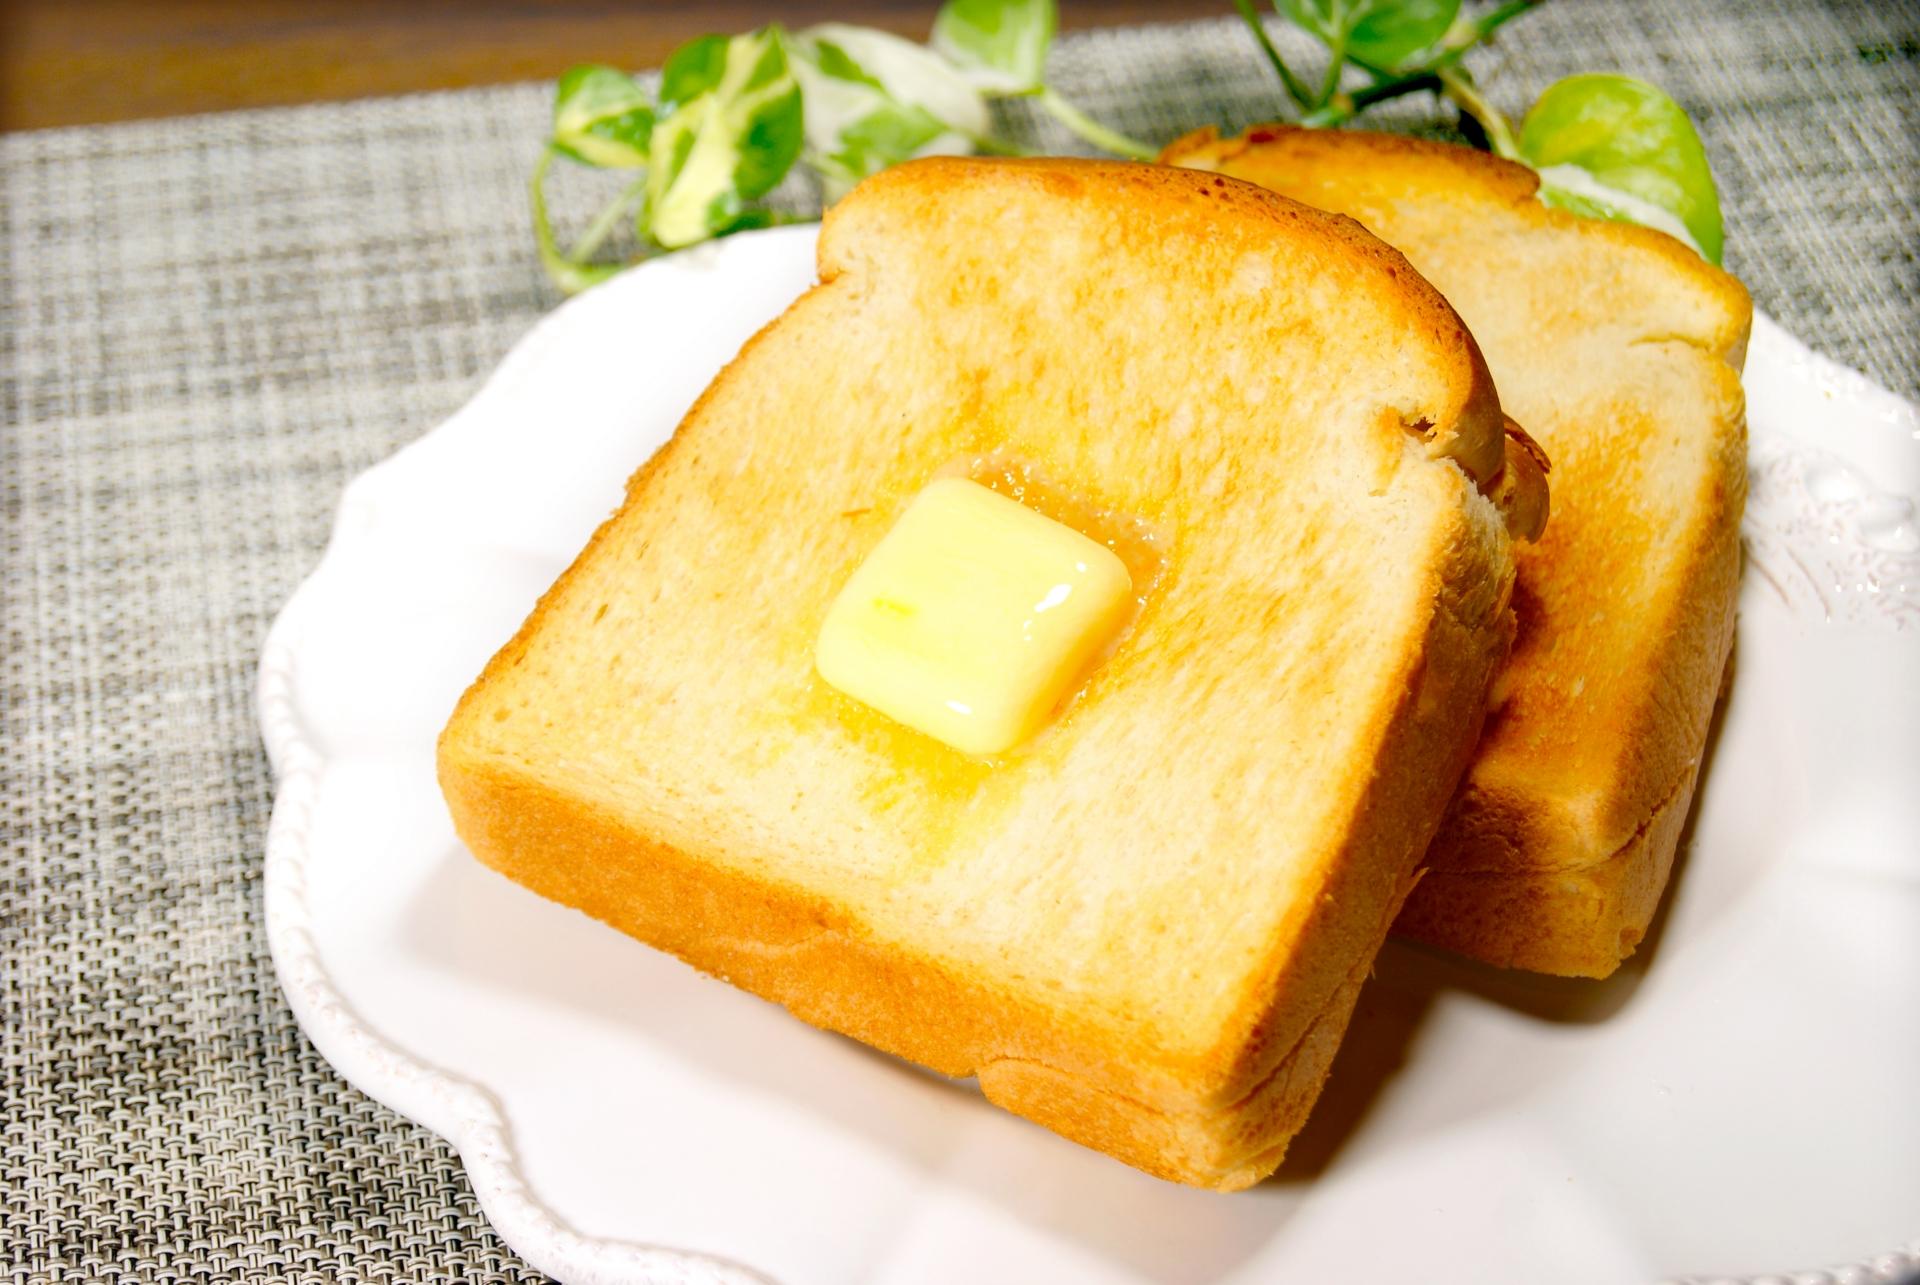 さっくりふわふわ!絶品トーストが食べられるチェーン店3選【ドトールコーヒー/珈琲館/コメダ珈琲】